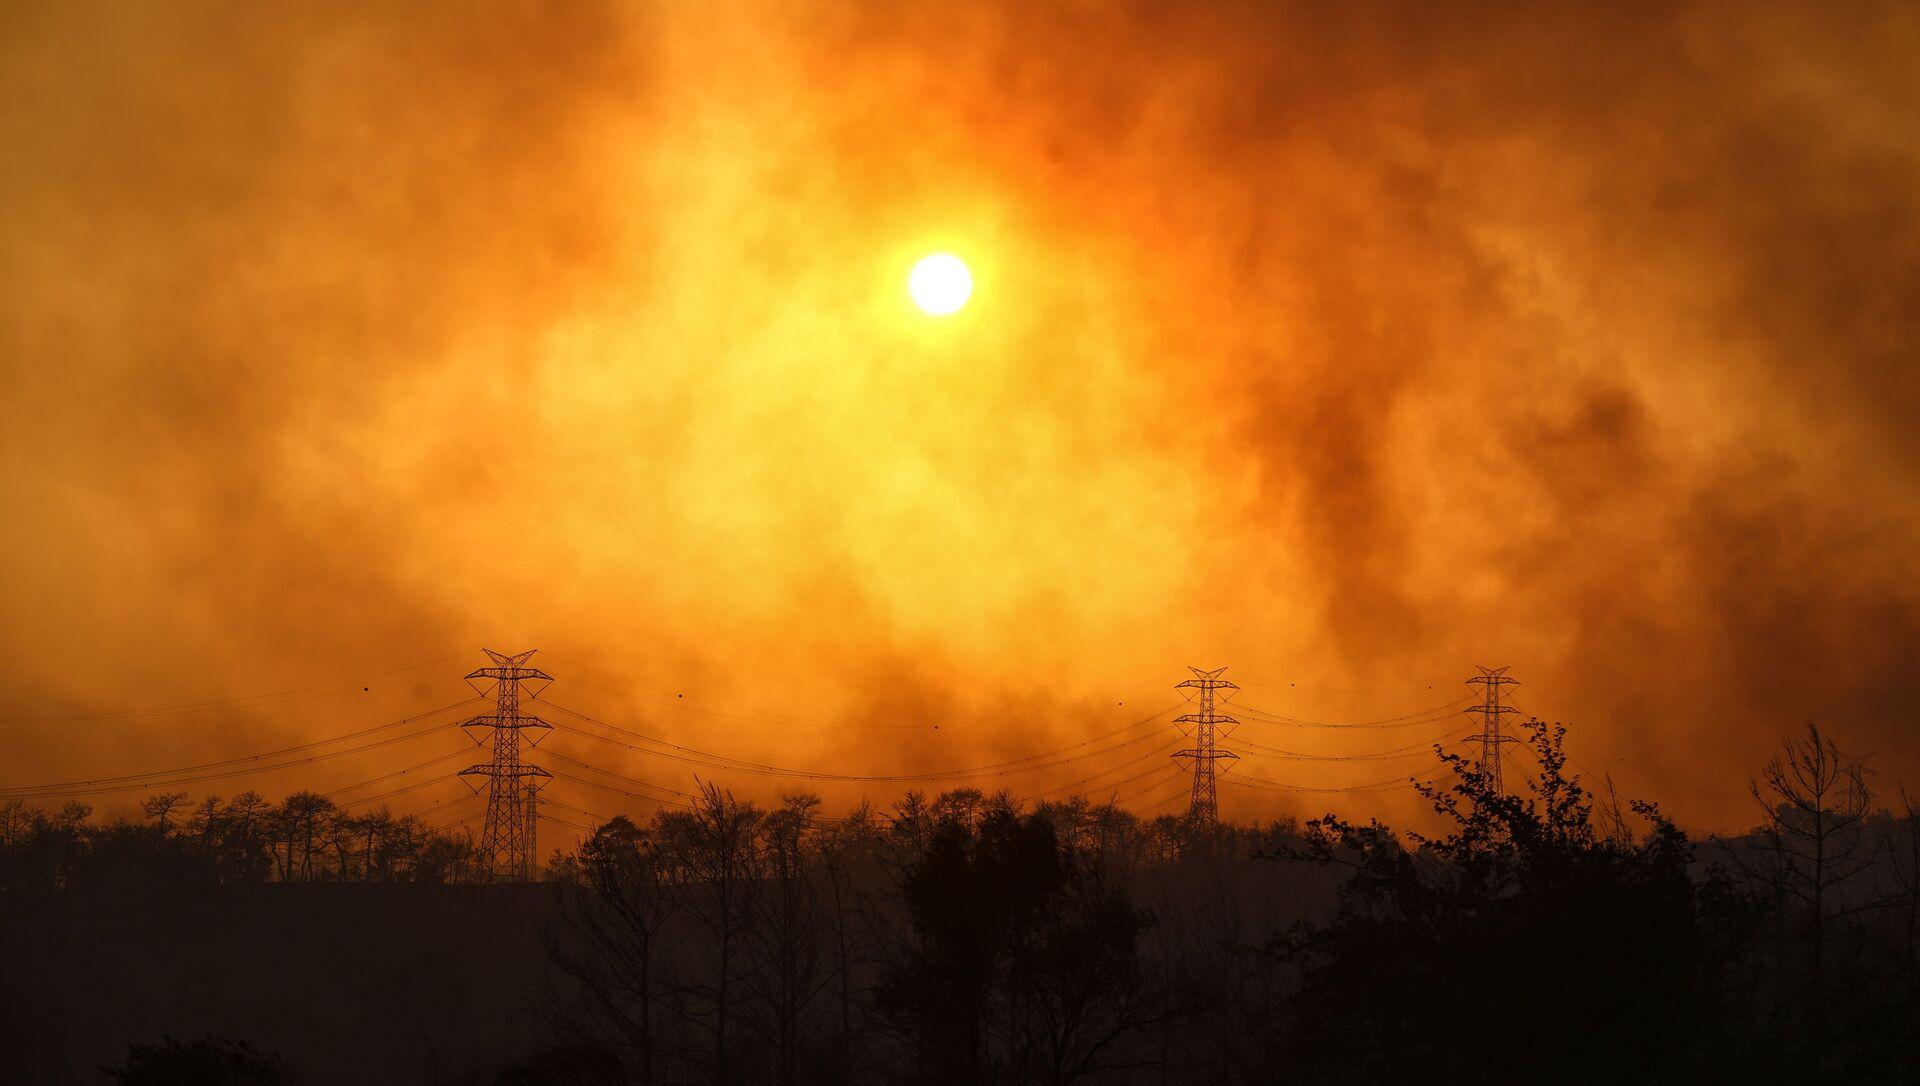 Un incendie de forêt près de Manavgat, en Turquie (archive photo) - Sputnik France, 1920, 04.08.2021